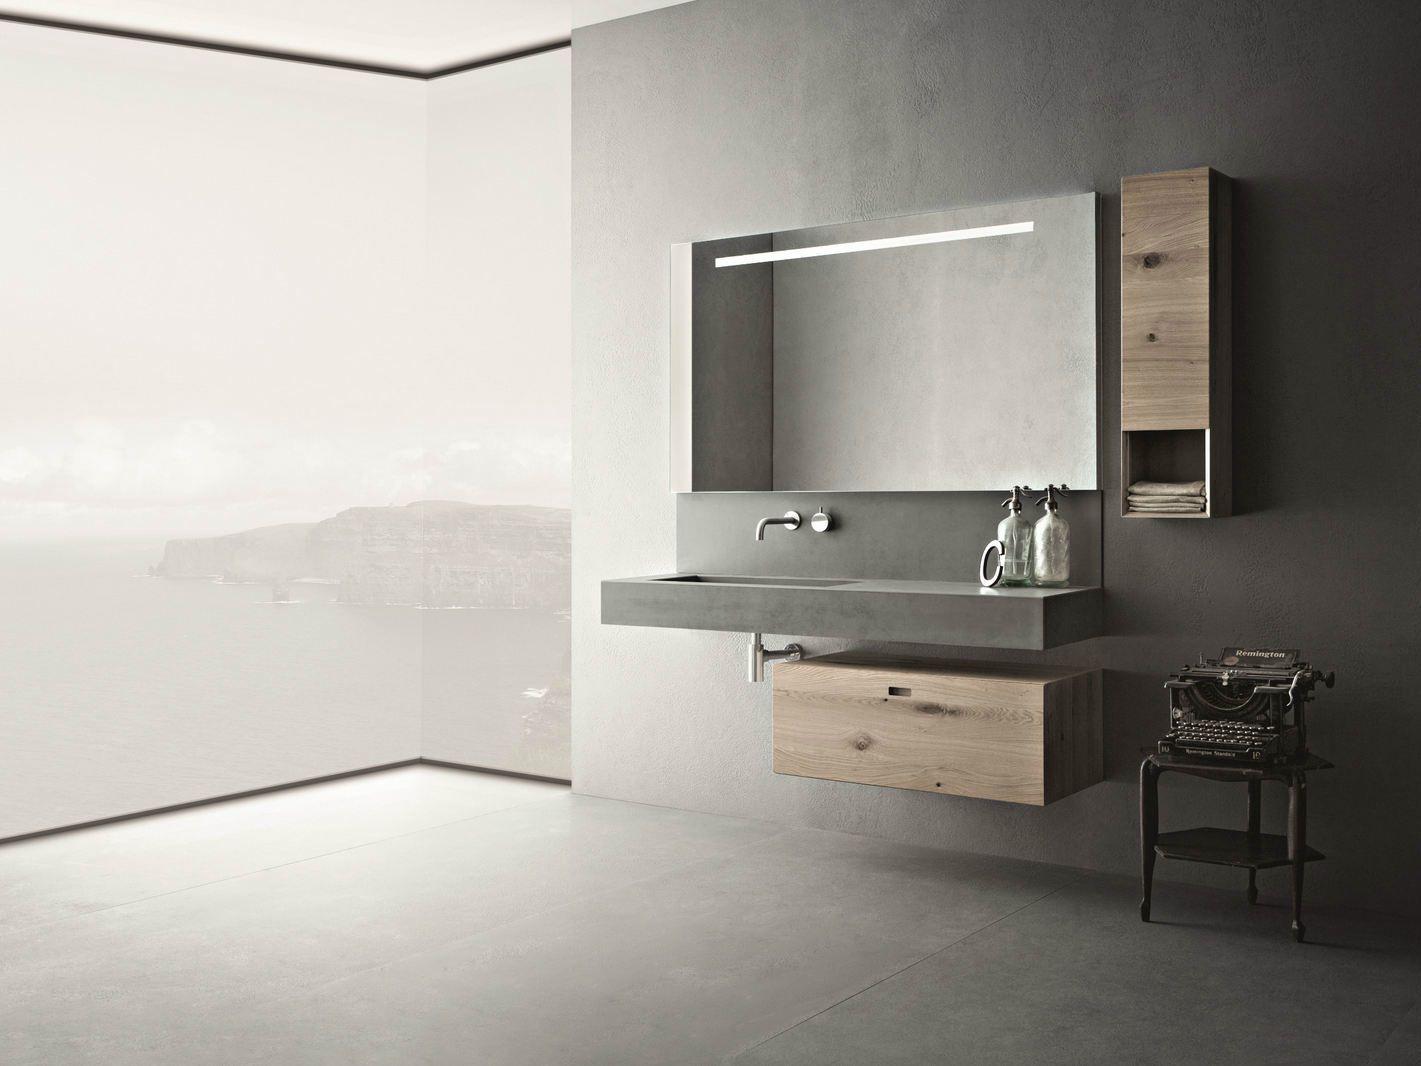 arredo bagno completo in cemento craft - composizione n02 by ... - Novello Arredo Bagno Prezzi